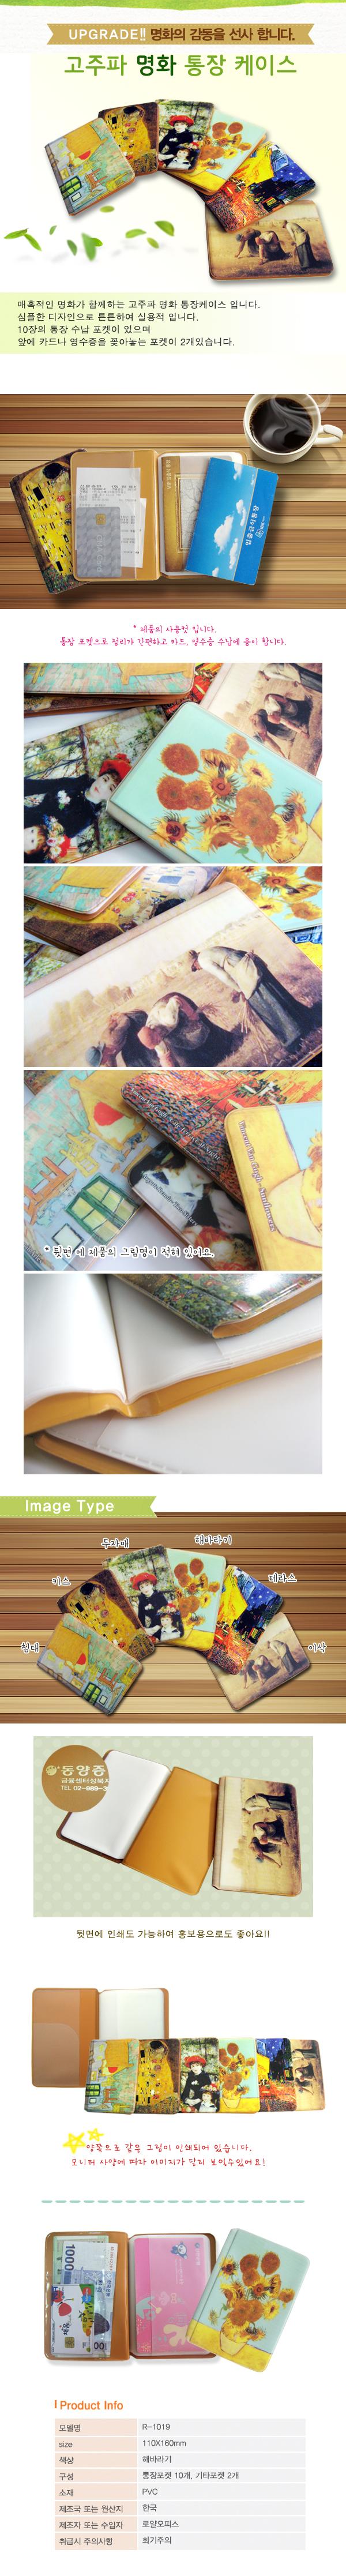 PVC 고주파 명화 통장지갑 - 5TYPE - 로얄오피스, 4,500원, 통장케이스, 심플통장케이스